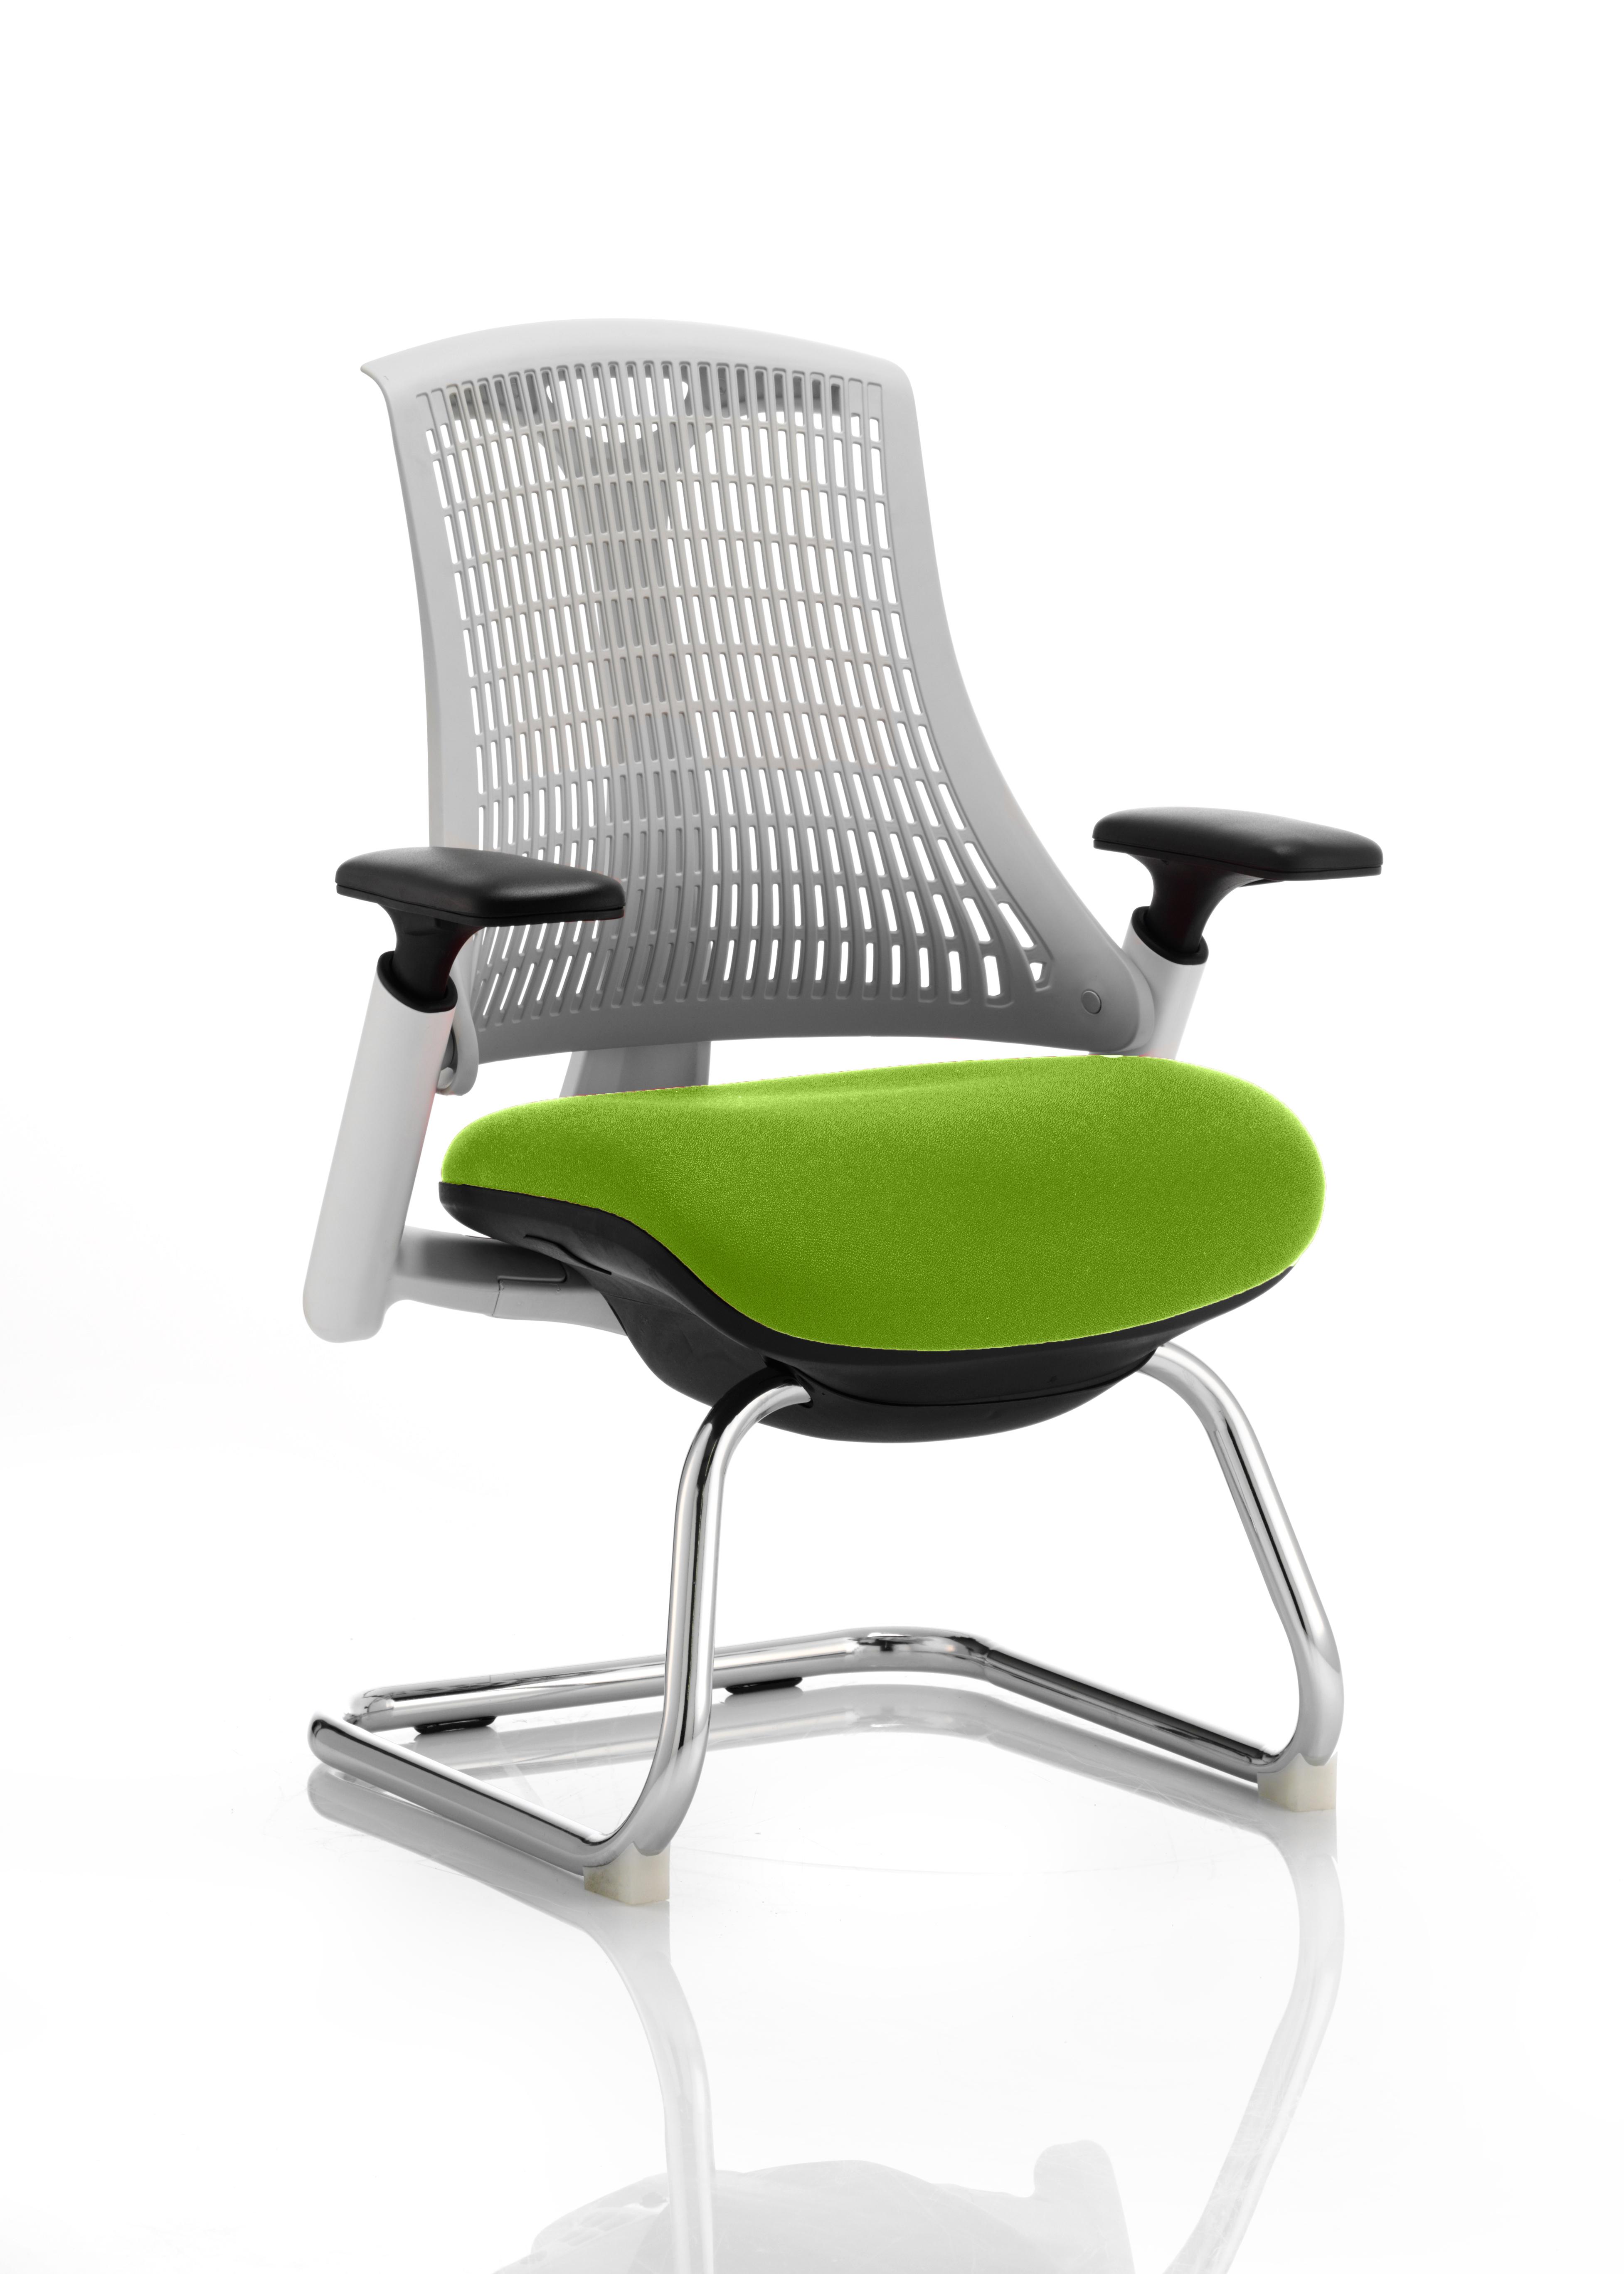 Flex Cantilever Chair White Frame White Back Bespoke Colour Seat Myrrh Green